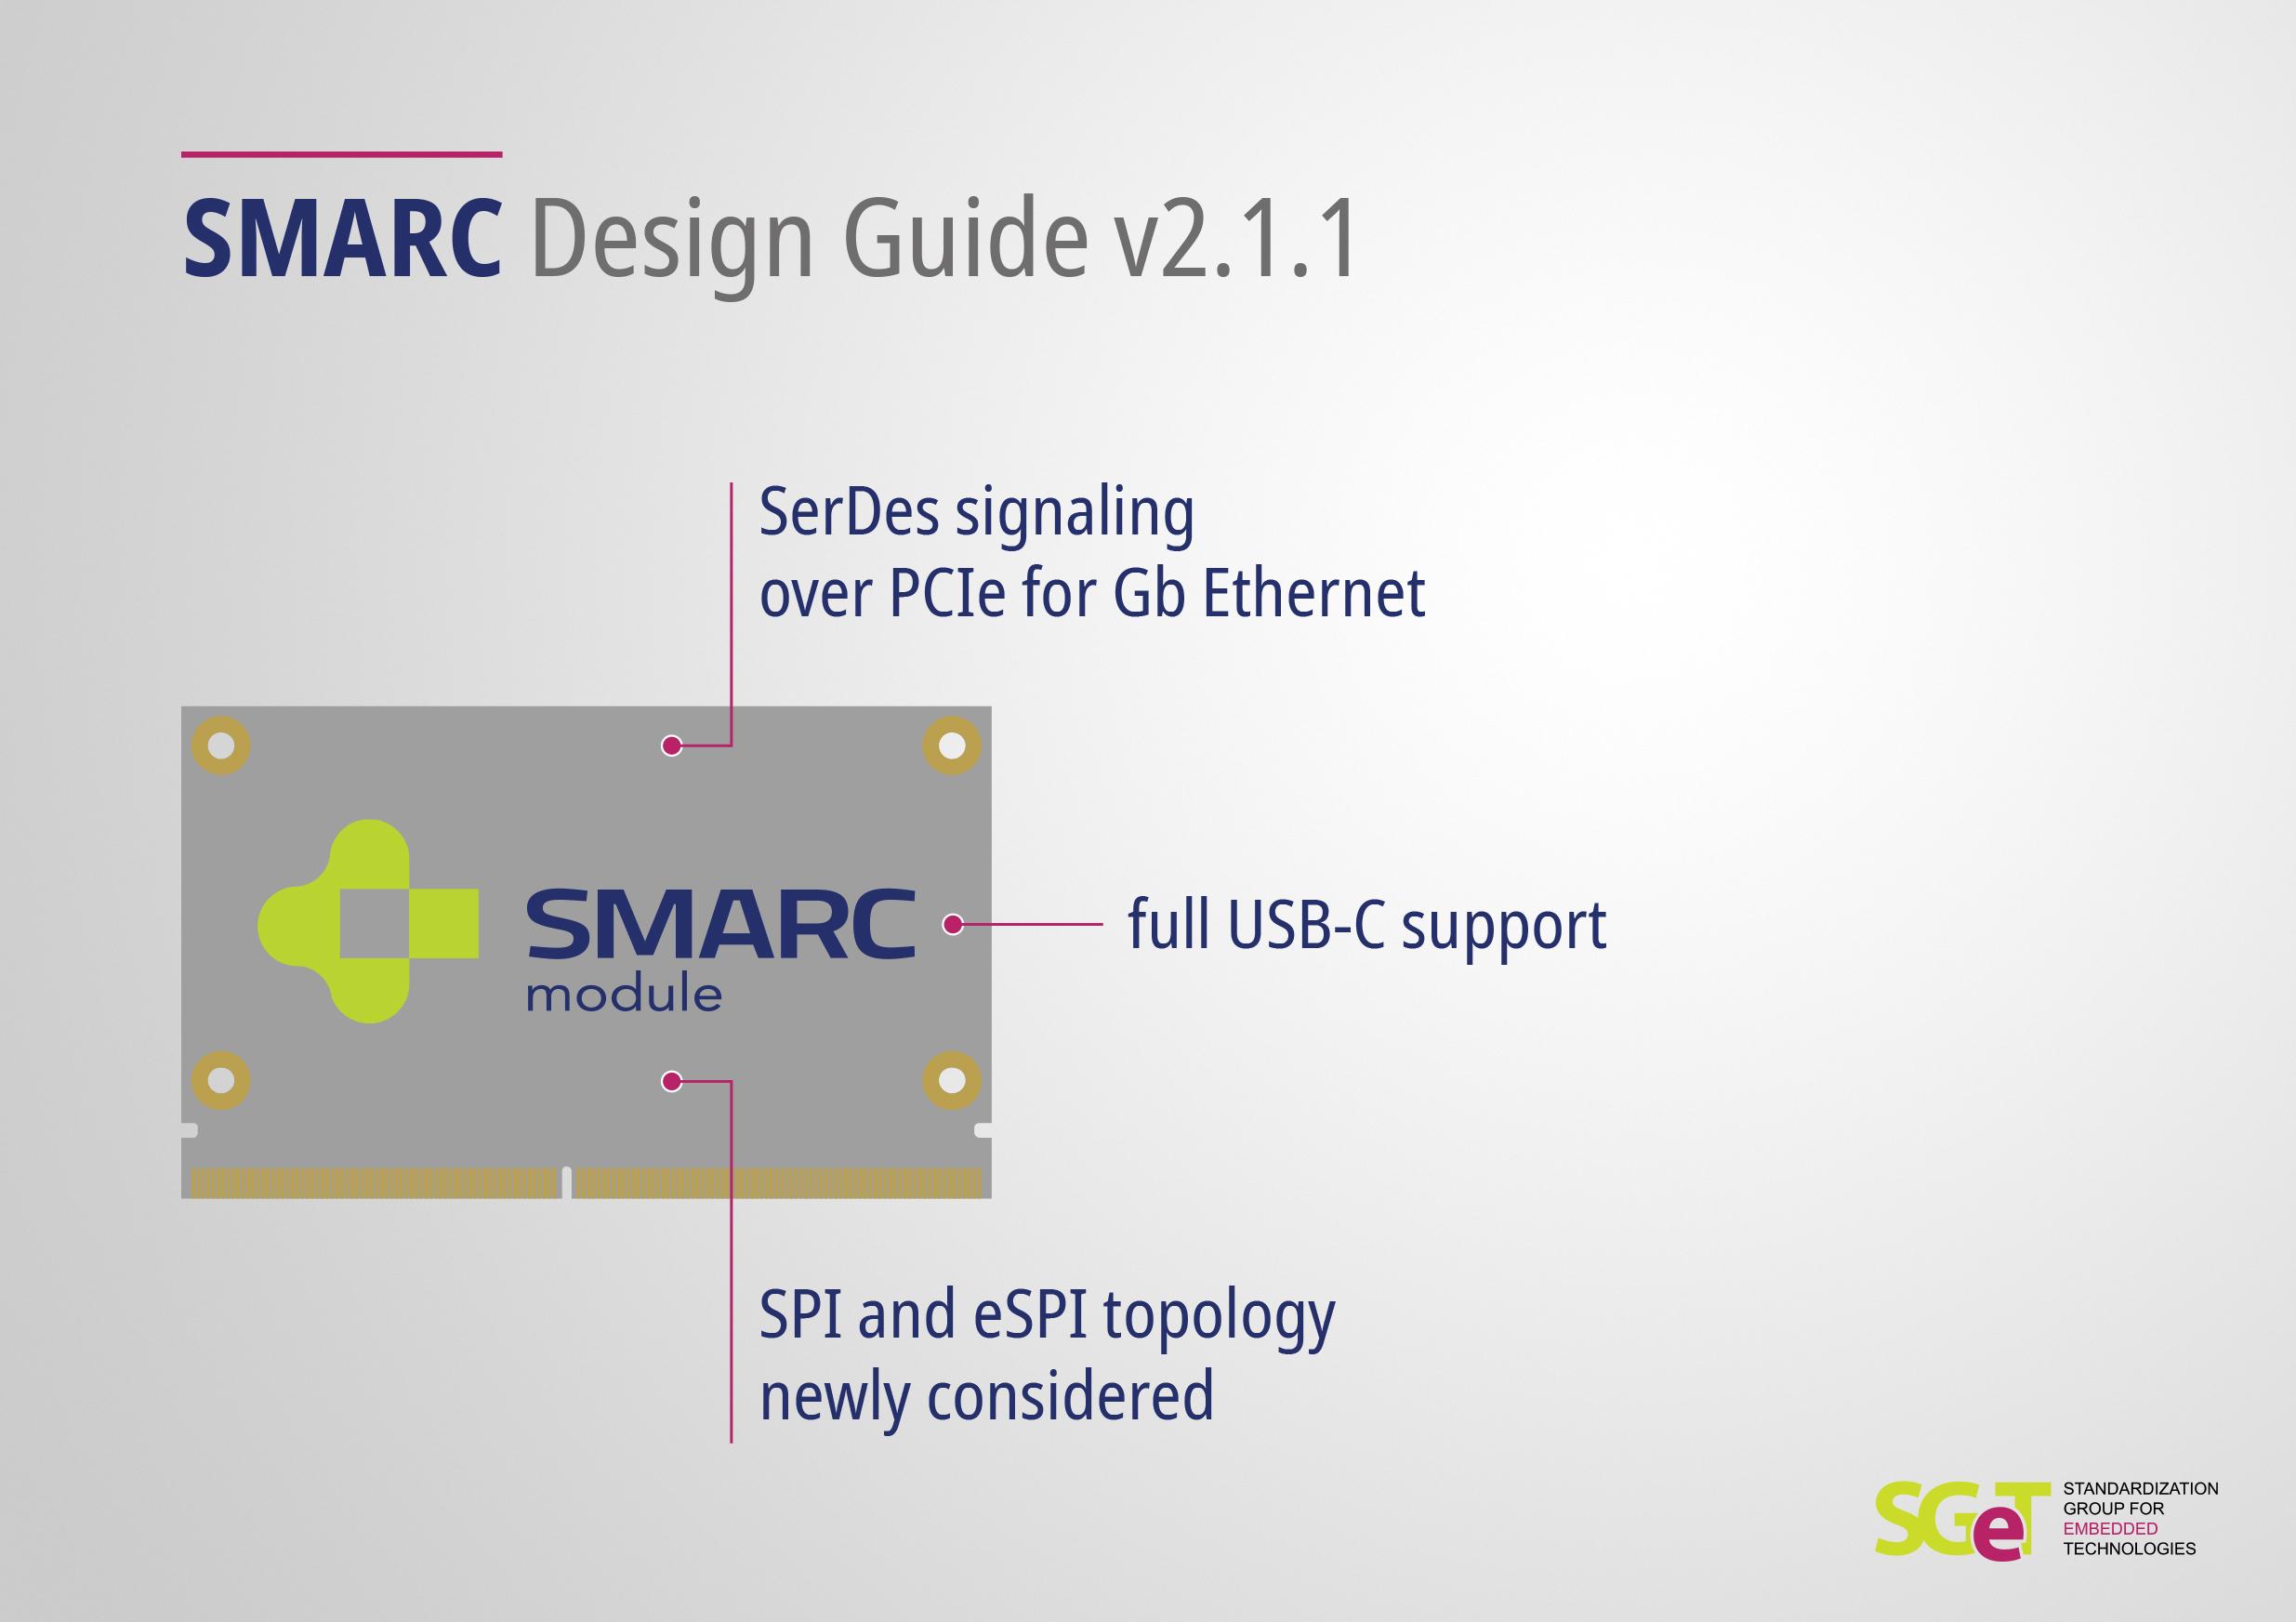 SGET veröffentlicht neuen Design Guide für SMARC-Carrierboards